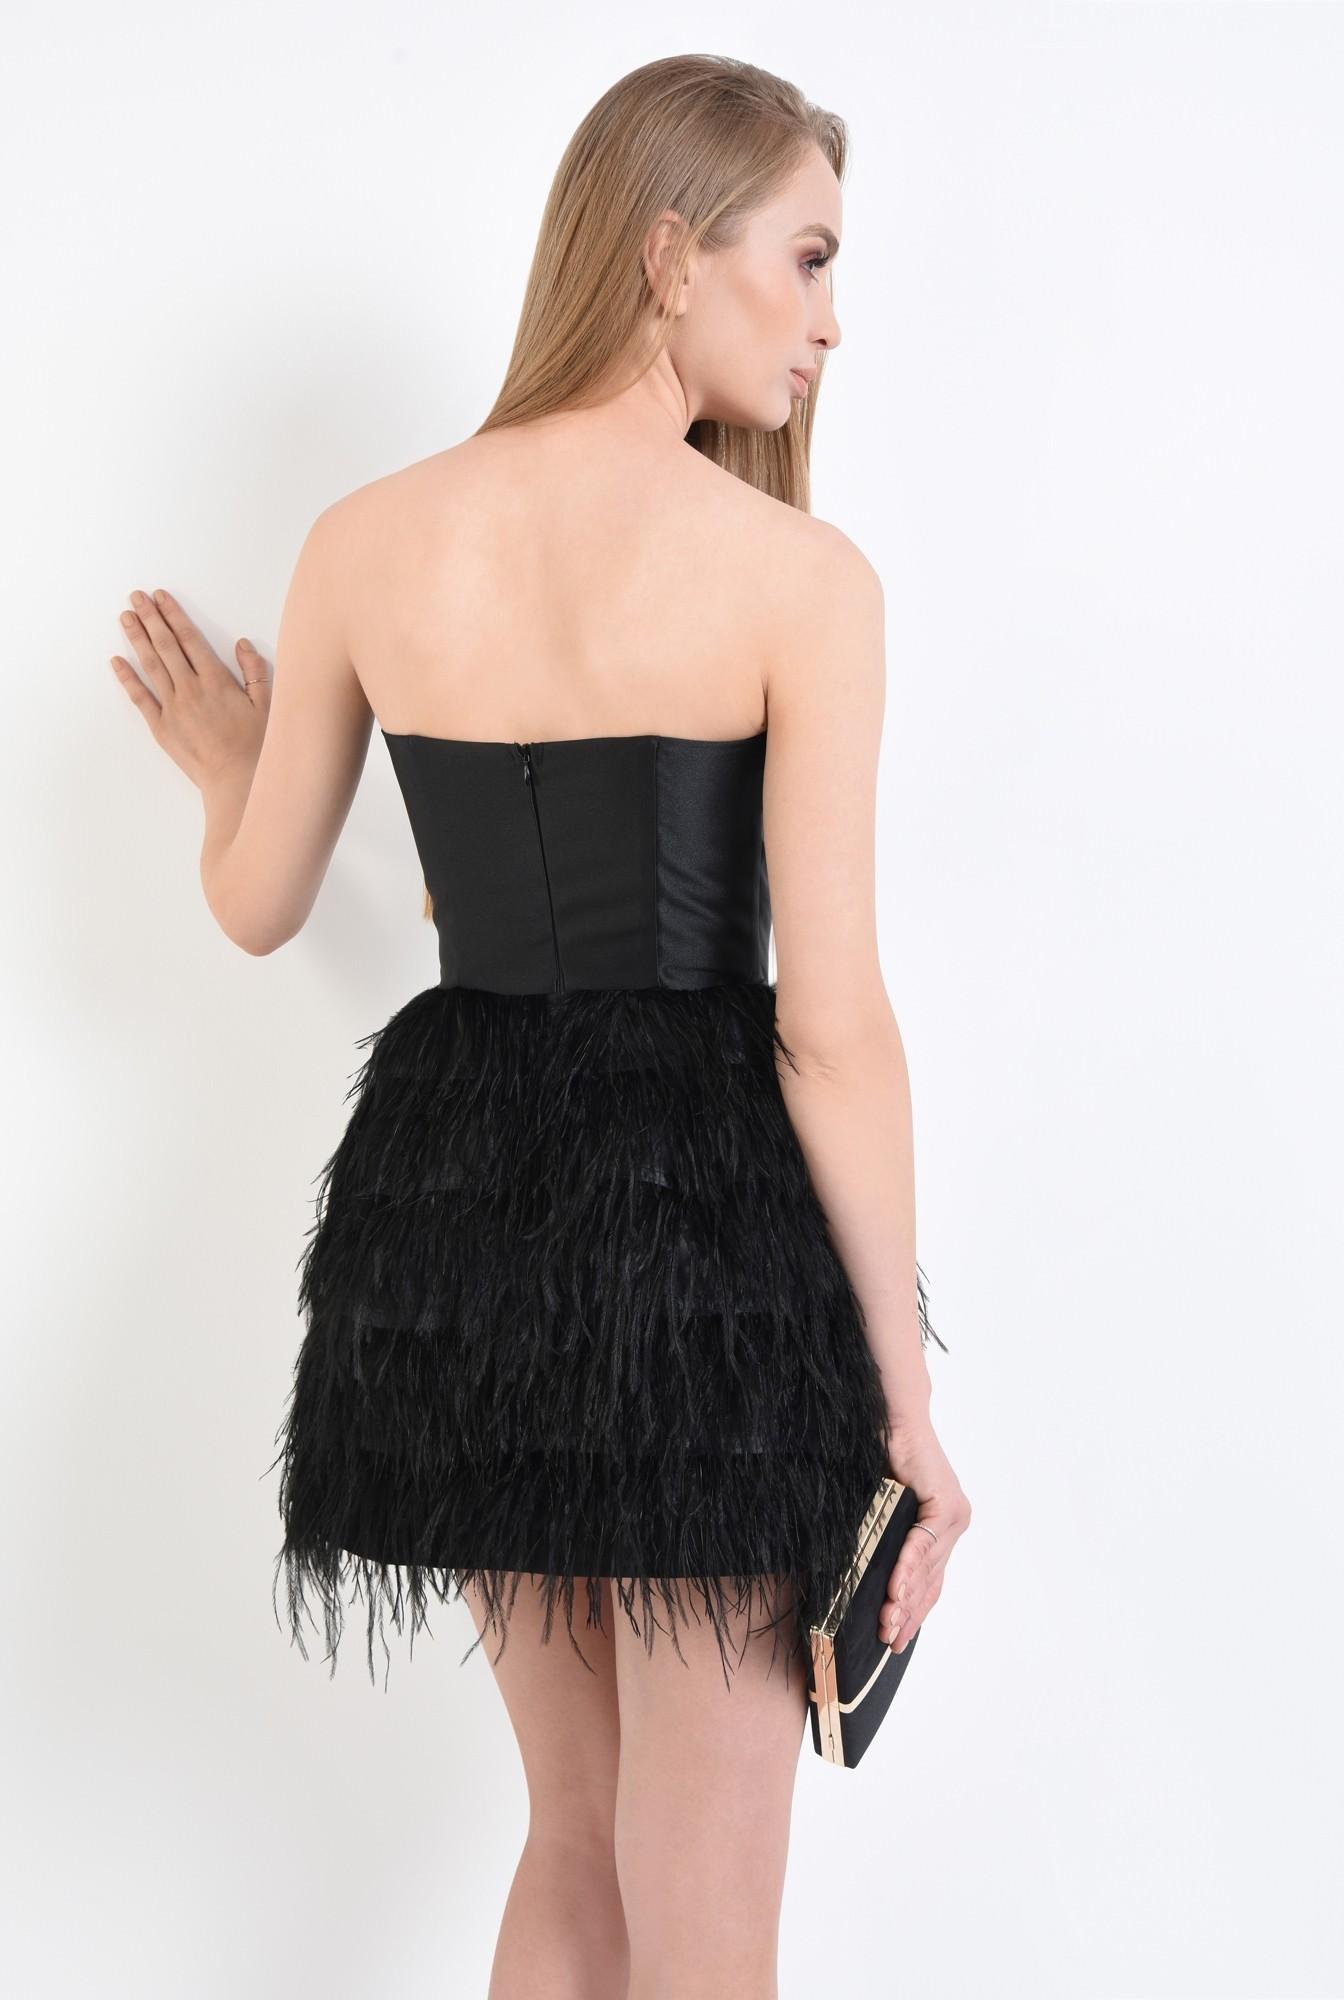 1 - rochie de ocazie, mini, pene de strut, corset